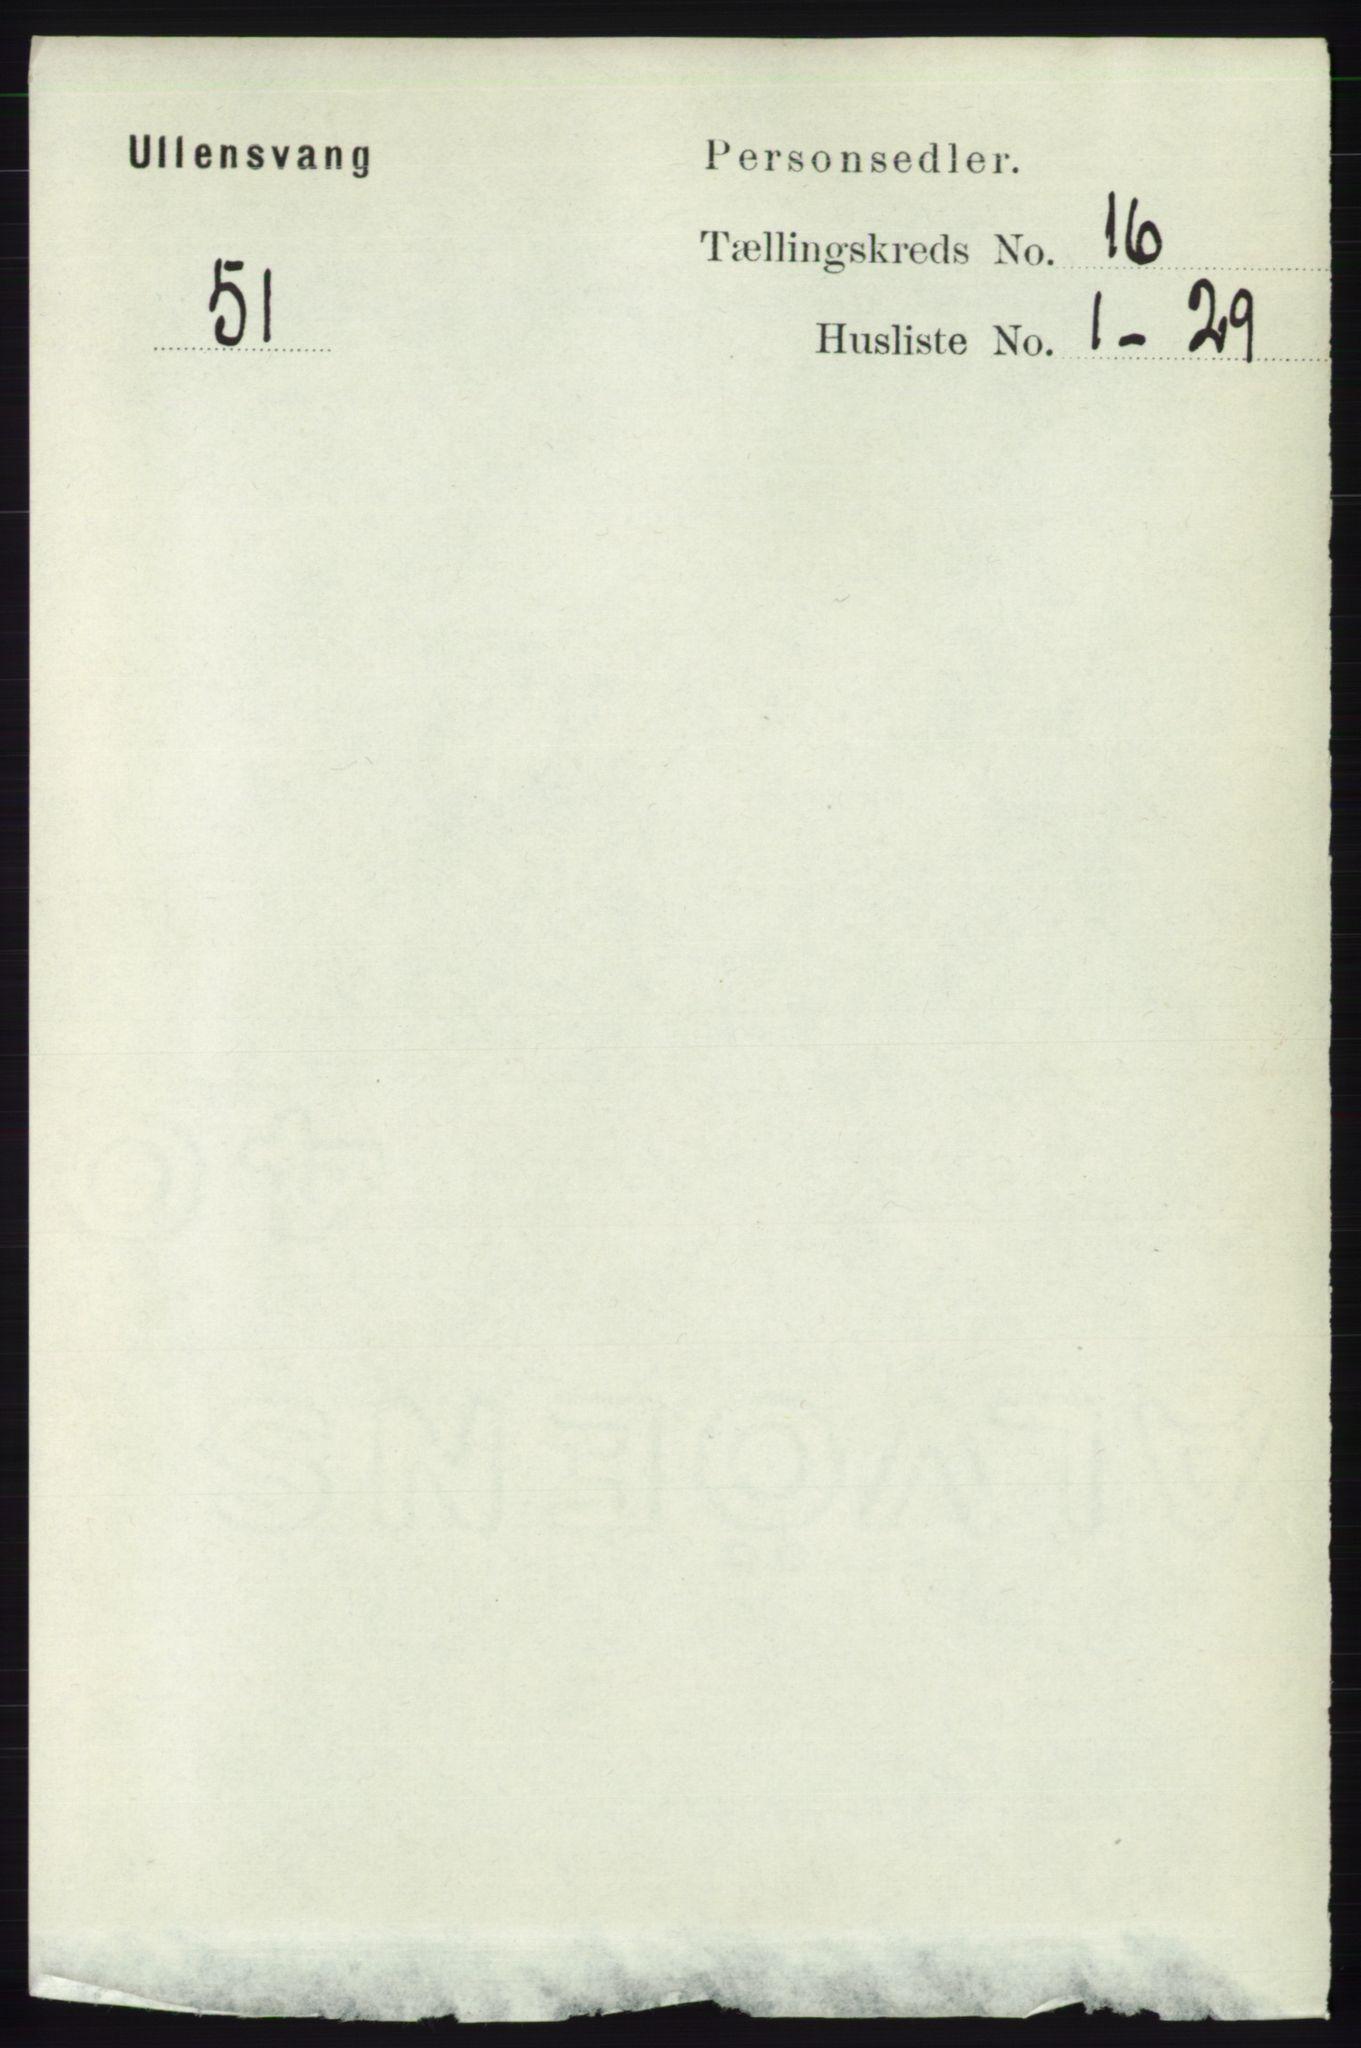 RA, Folketelling 1891 for 1230 Ullensvang herred, 1891, s. 6230